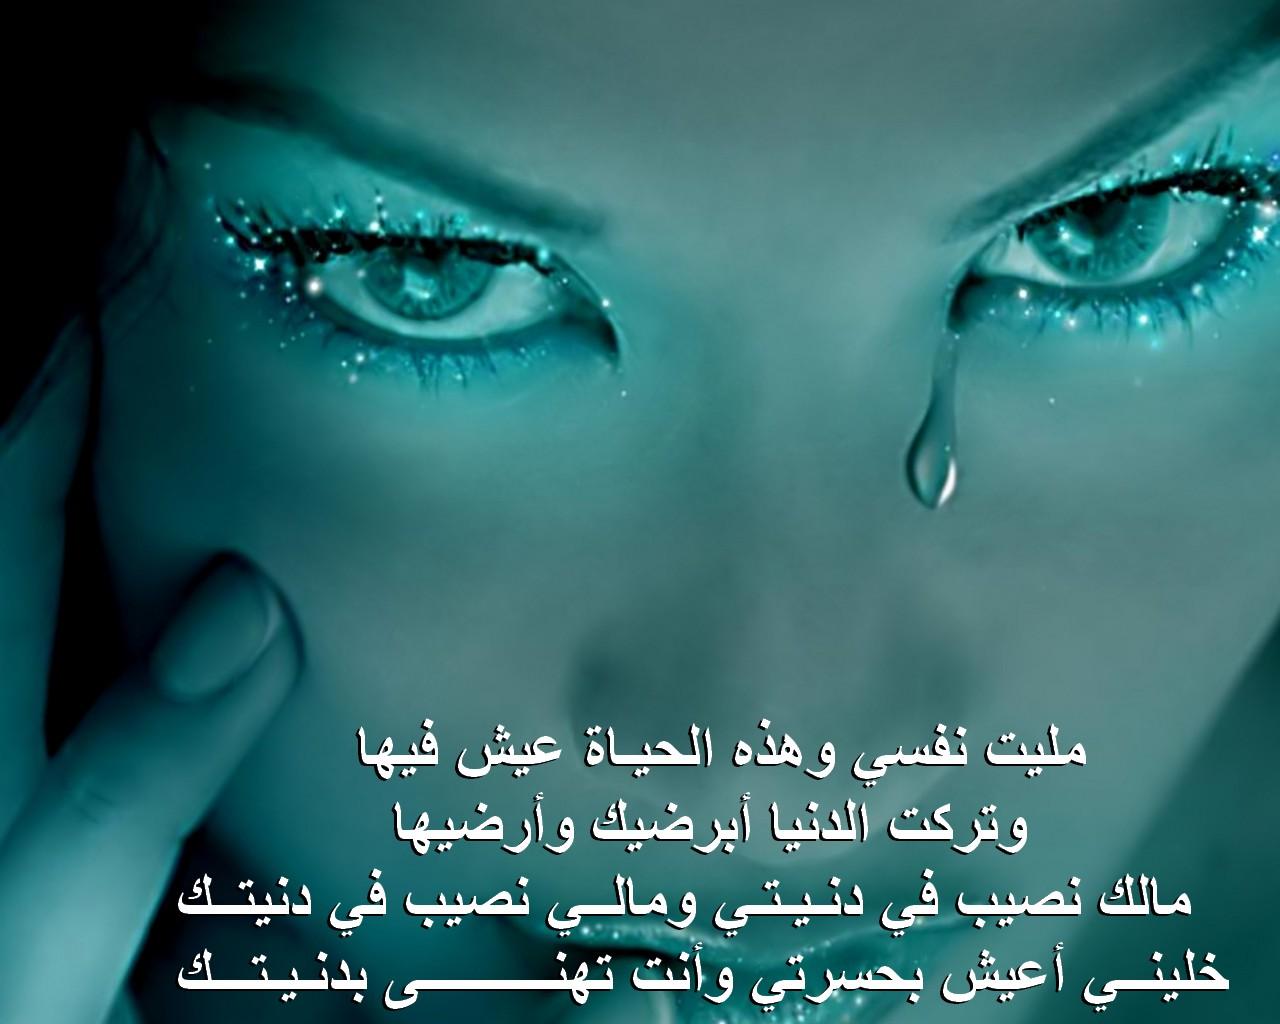 مجموعة صور مكتوب عليها كلمات محزنة للبنات 2020,صور فتيات حزينة رومانسية , صور عليها عبارات و جمل حزينة 2020_1390307714_509.